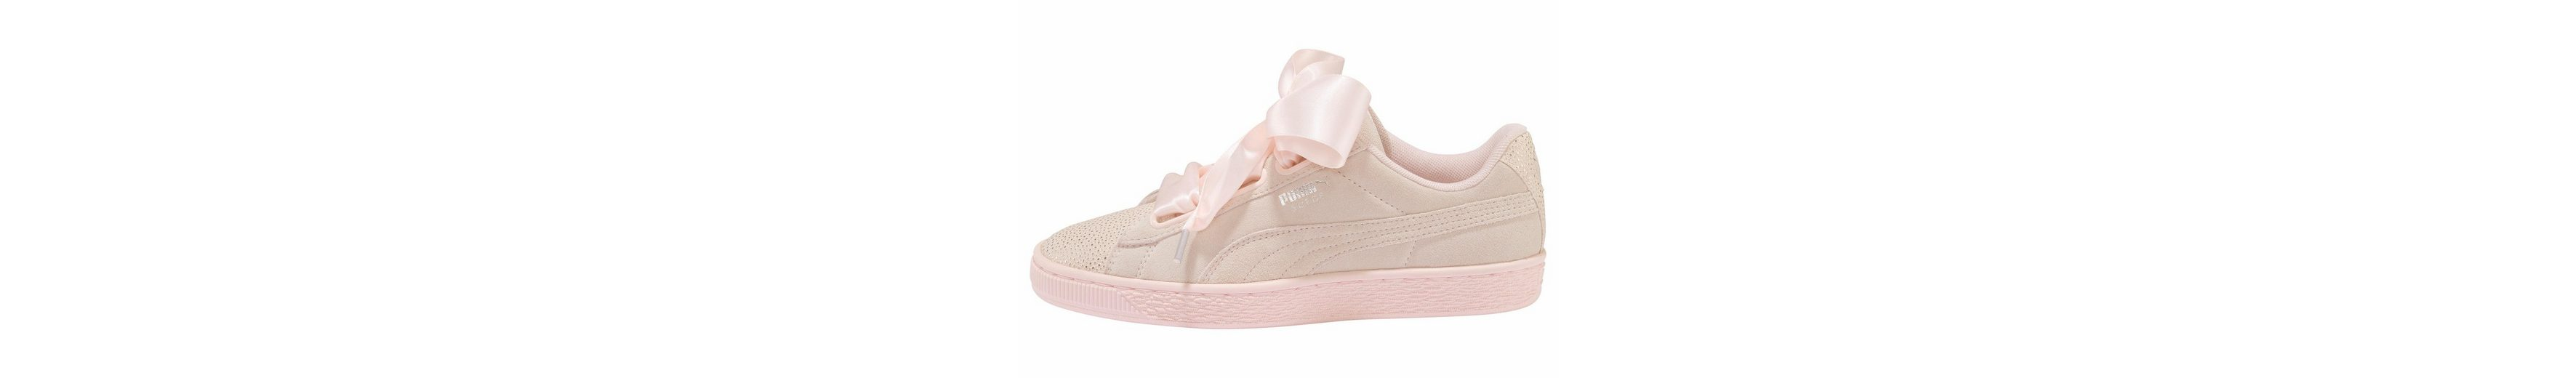 Erschwinglich Ausverkauf PUMA Suede Heart Bubble Sneaker Exklusiv Zum Verkauf 100% Ig Garantiert Günstiger Preis Exklusiv mI1yiexE